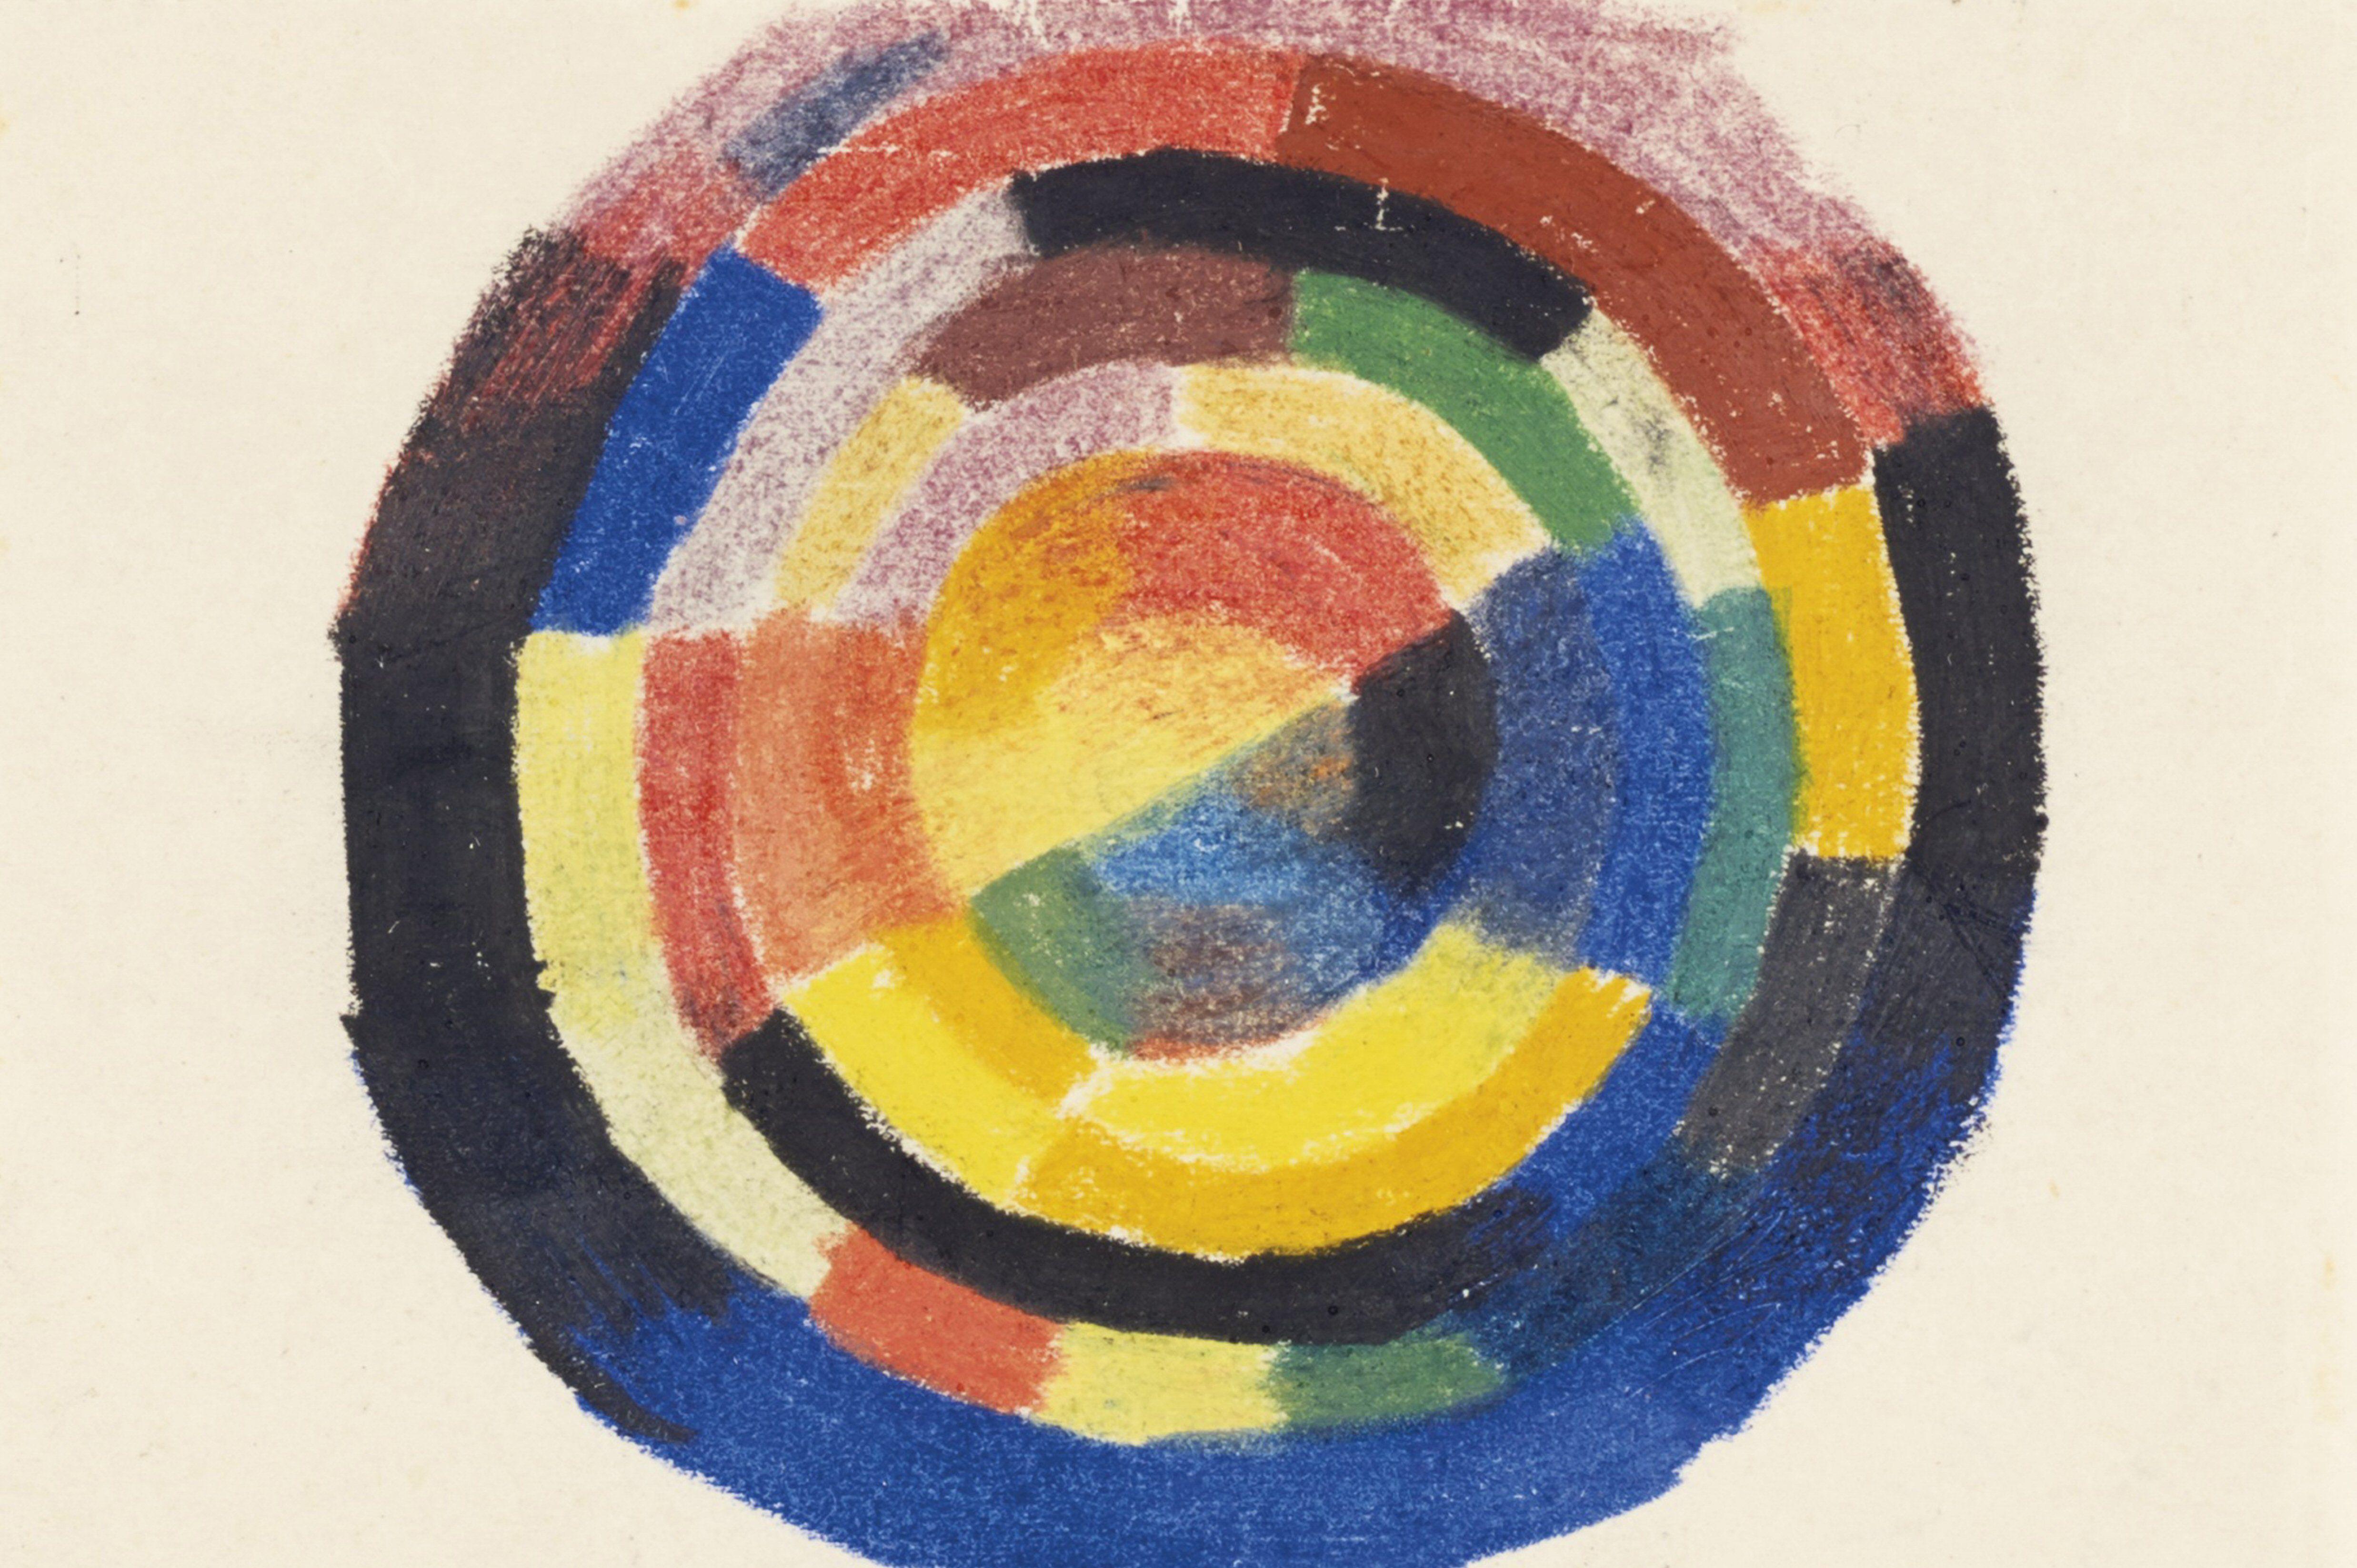 """Color Wheel von August Macke (1887-1914) von der deutschen expressionistischen Gruppe """"The Blue Rider""""."""